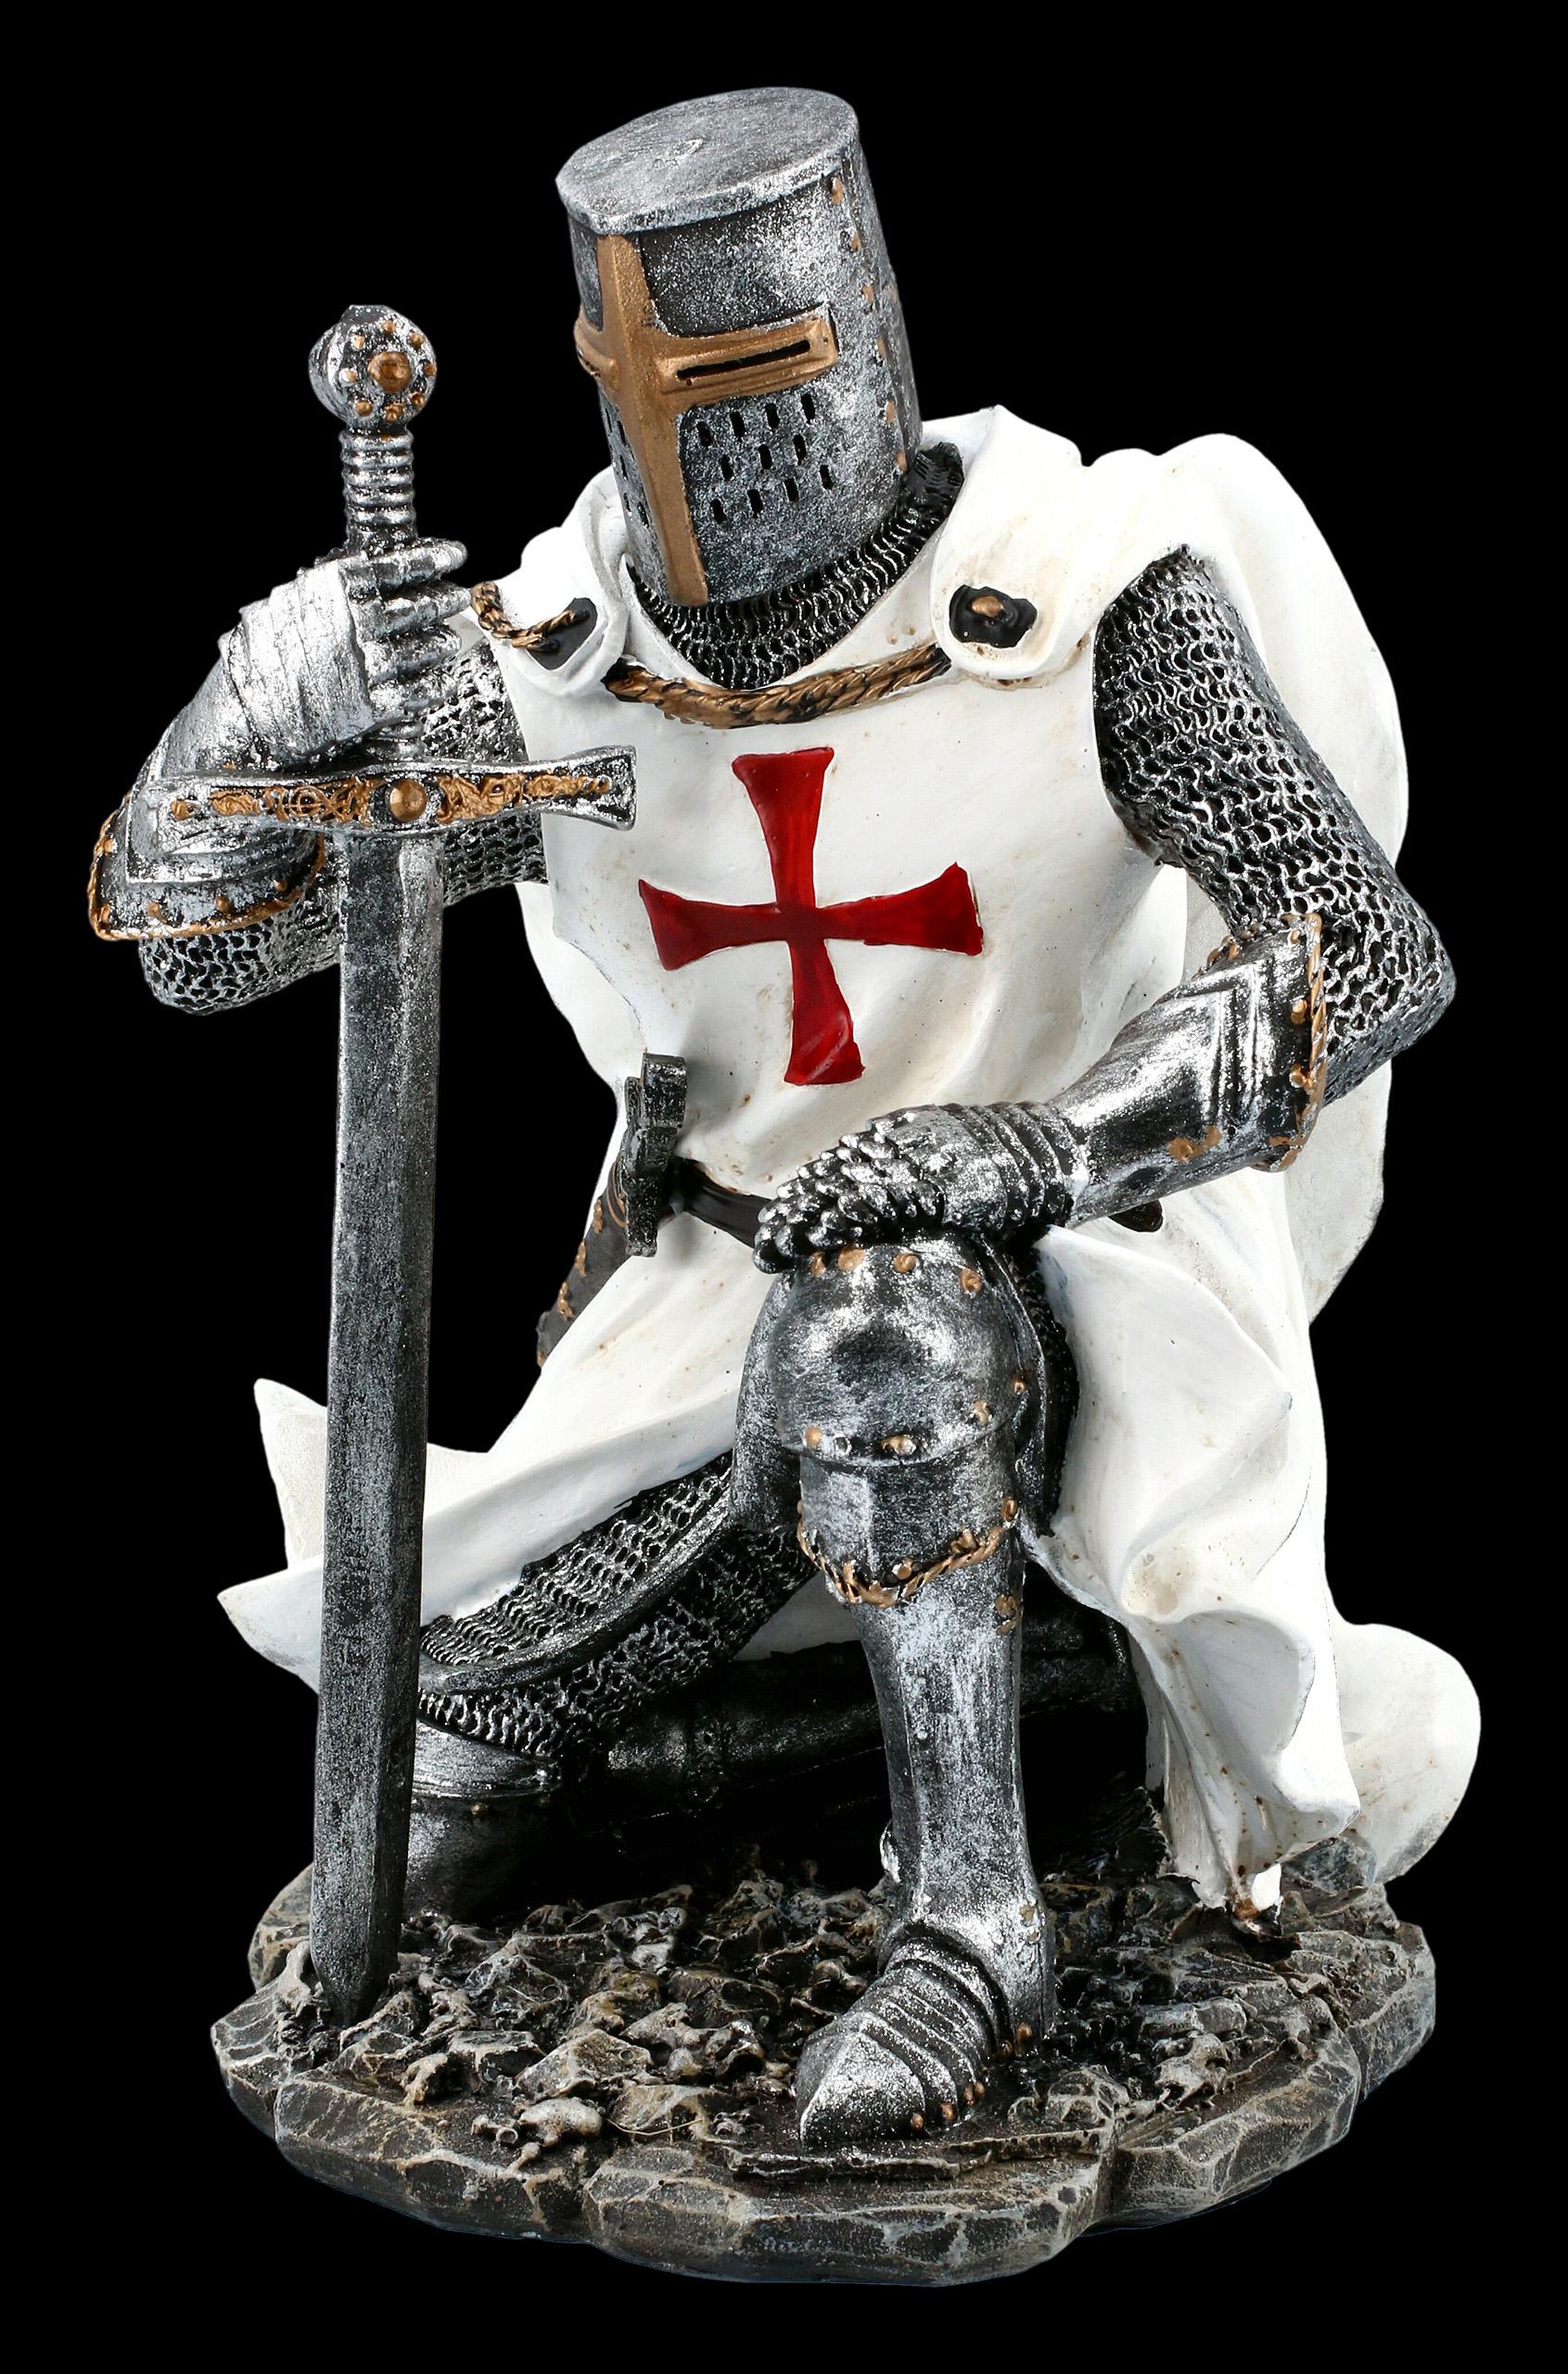 Kneeling Templar Knight Figurine With Sword Www Figuren Shop De